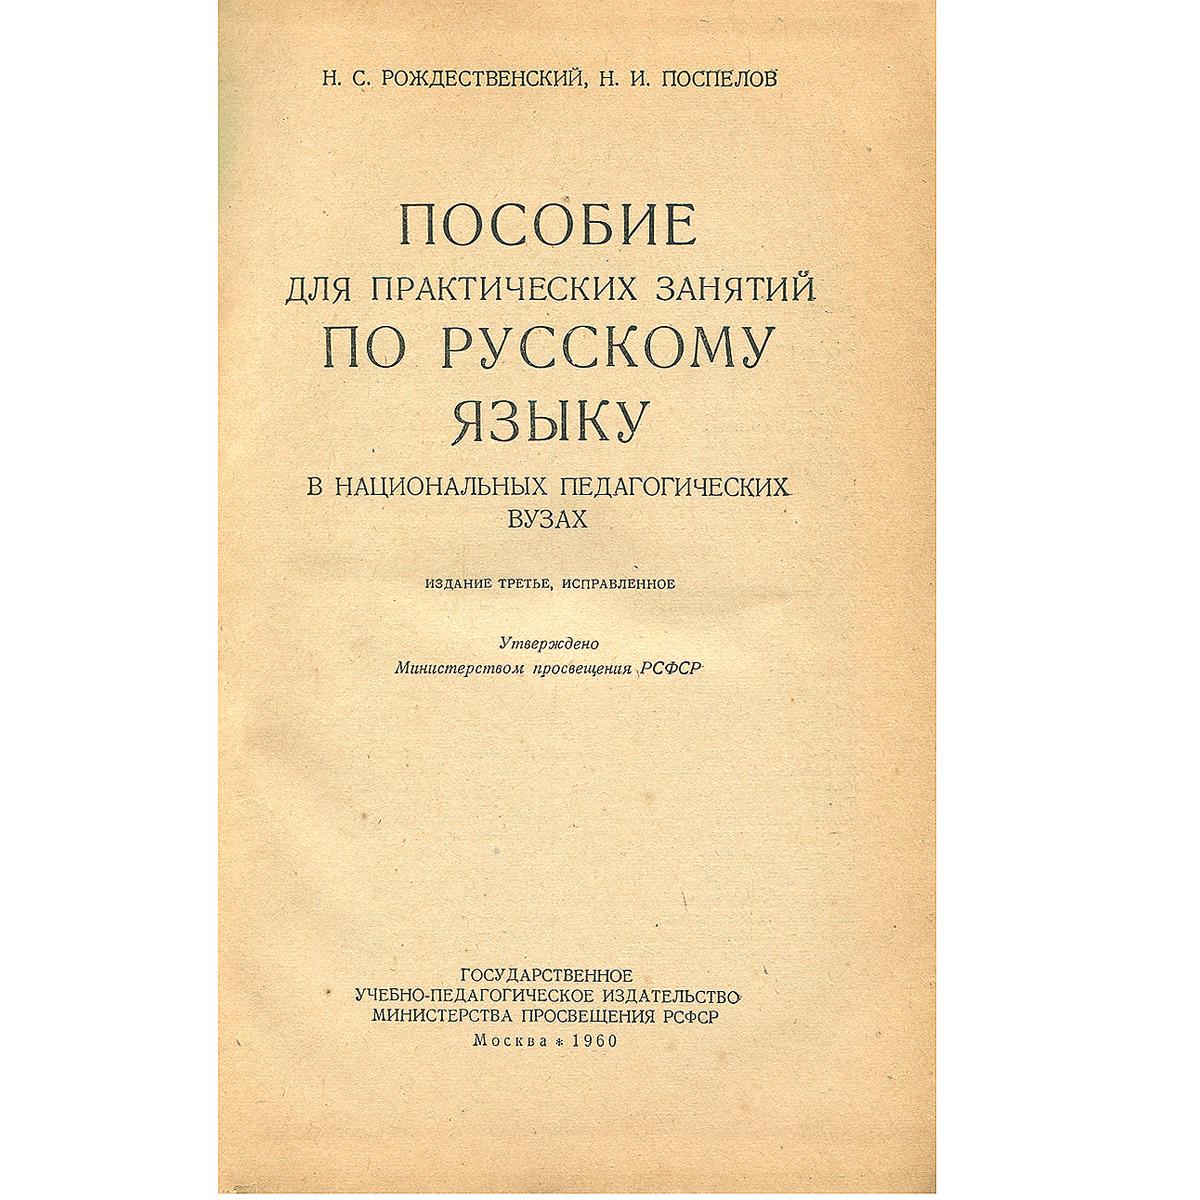 Пособие для практических занятий по русскому языку в национальных педагогических училищах